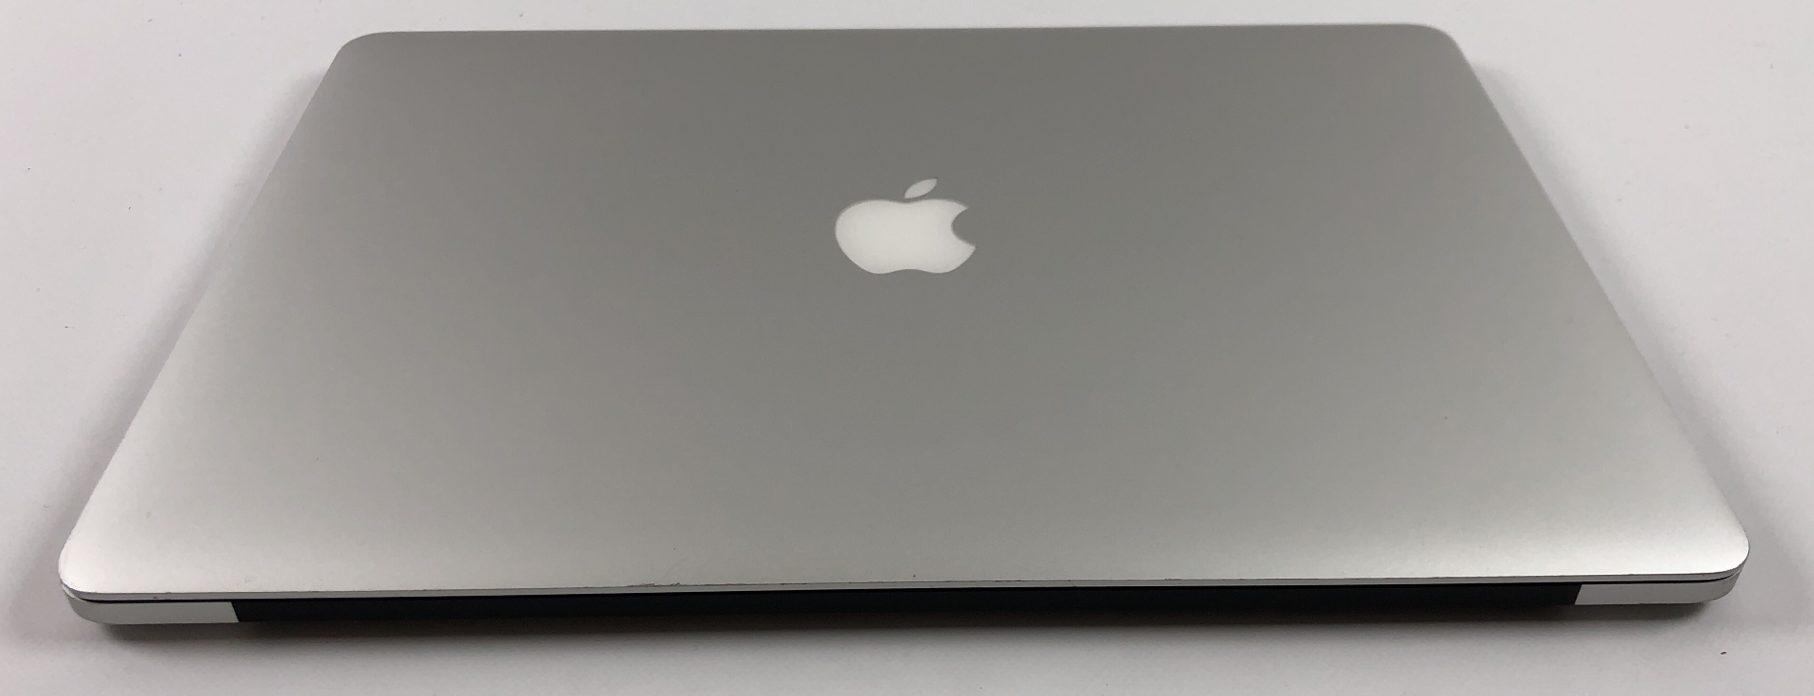 """MacBook Pro Retina 15"""" Mid 2014 (Intel Quad-Core i7 2.2 GHz 16 GB RAM 256 GB SSD), Intel Quad-Core i7 2.2 GHz, 16 GB RAM, 256 GB SSD, bild 2"""